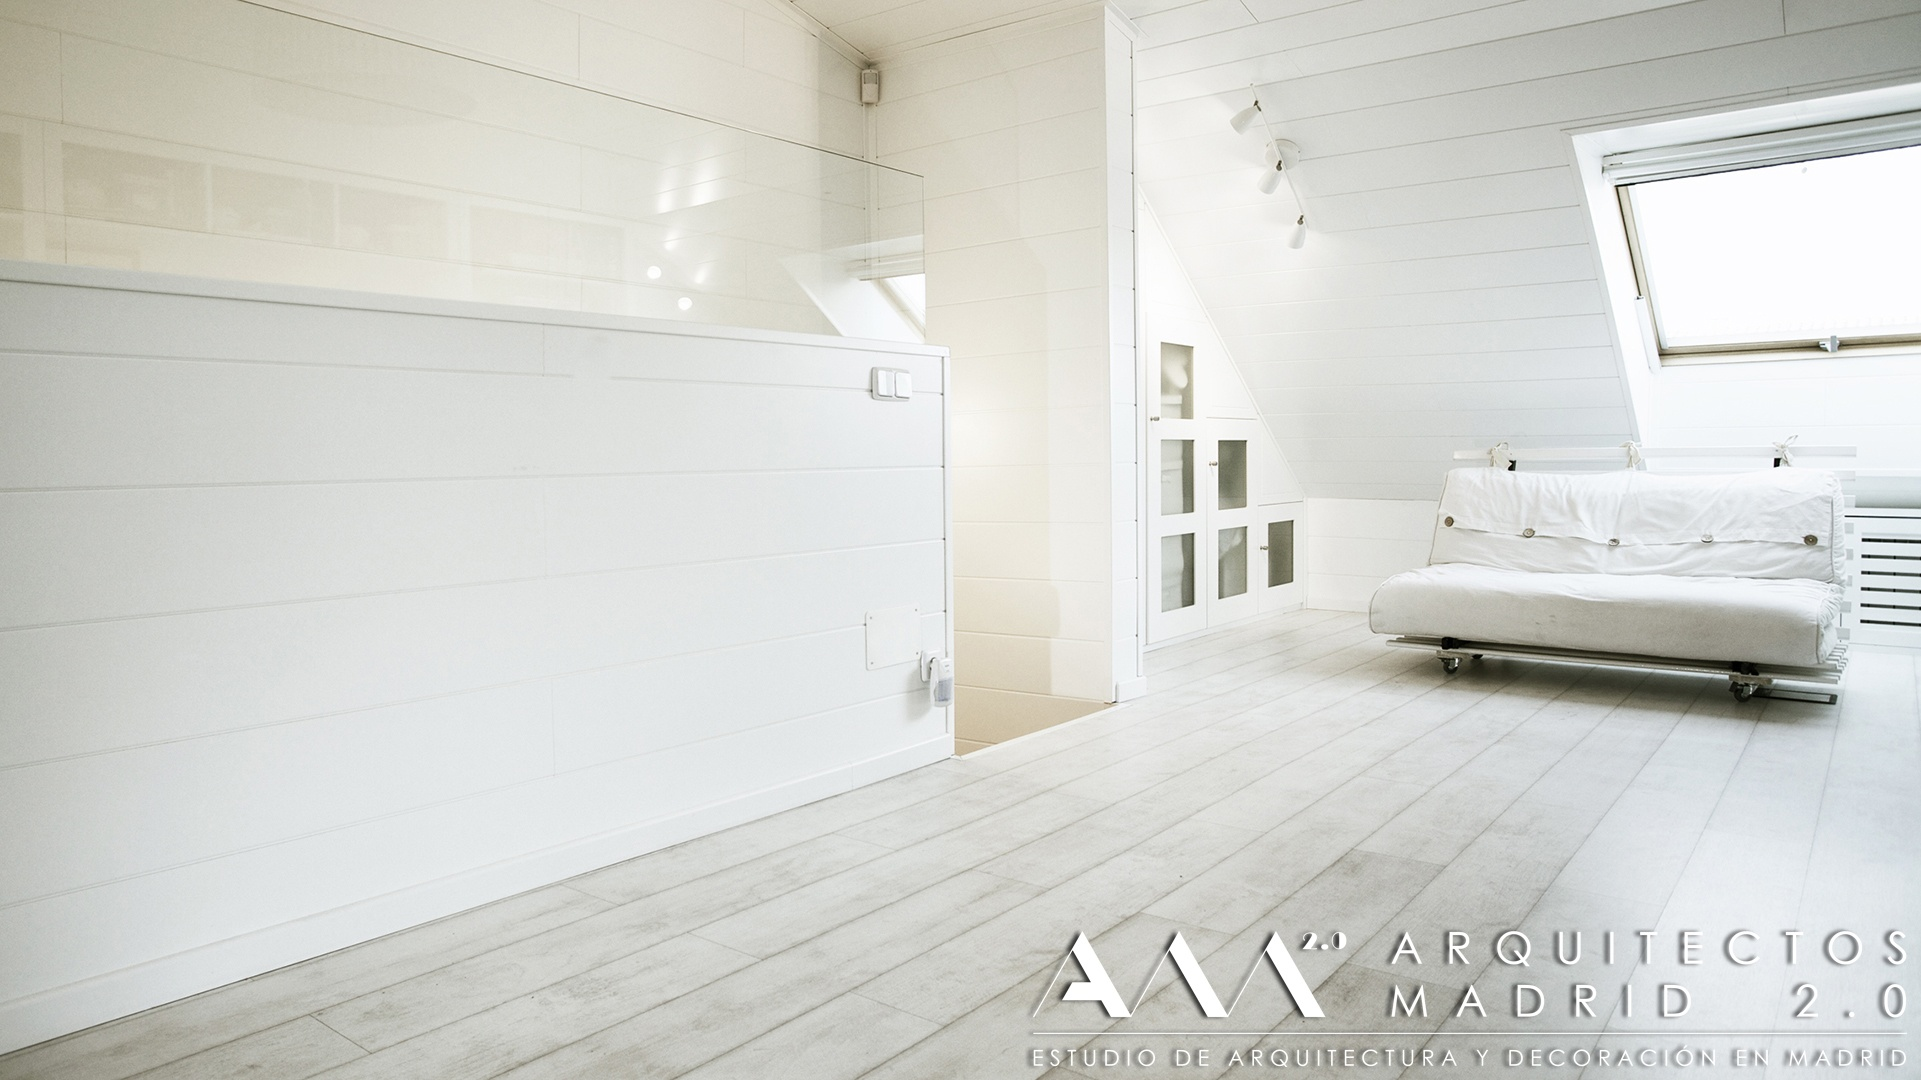 ideas-proyectos-reformas-casas-pisos-apartamentos-lofts-arquitectos-madrid-36